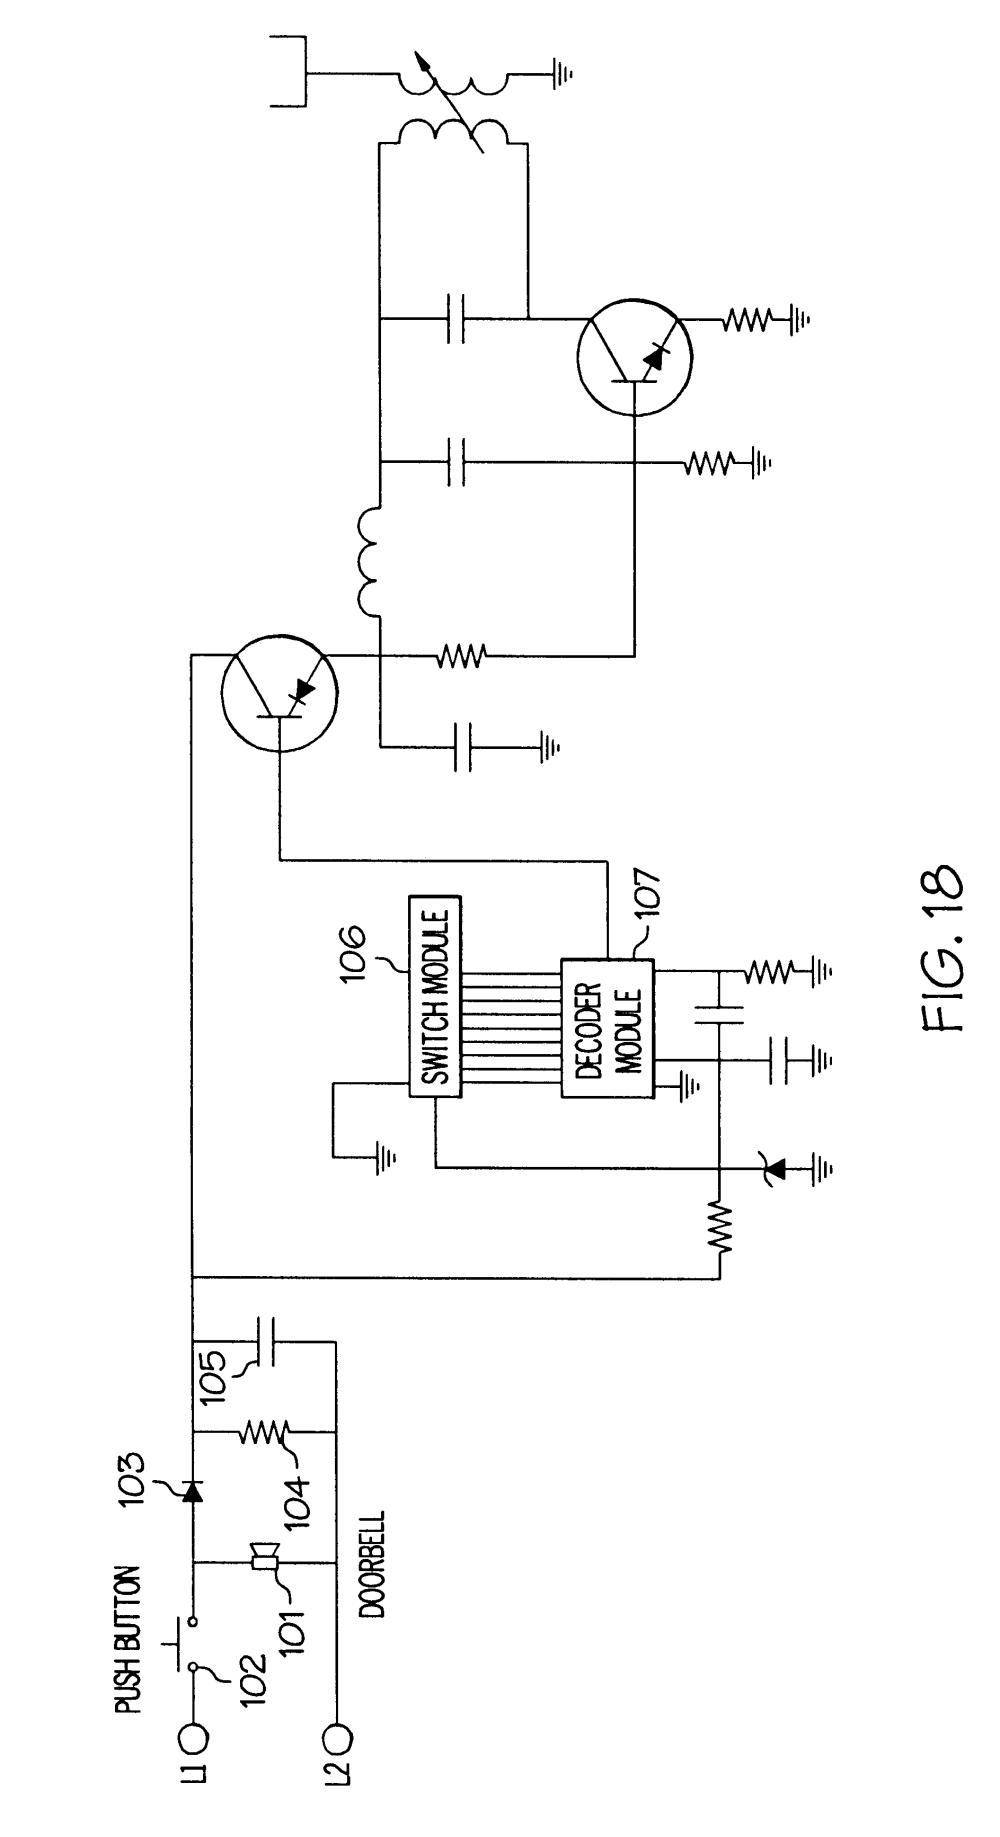 medium resolution of leviton 5226 wiring diagram leviton 5241 wiring diagram leviton combination switch wiring diagram pilot light and